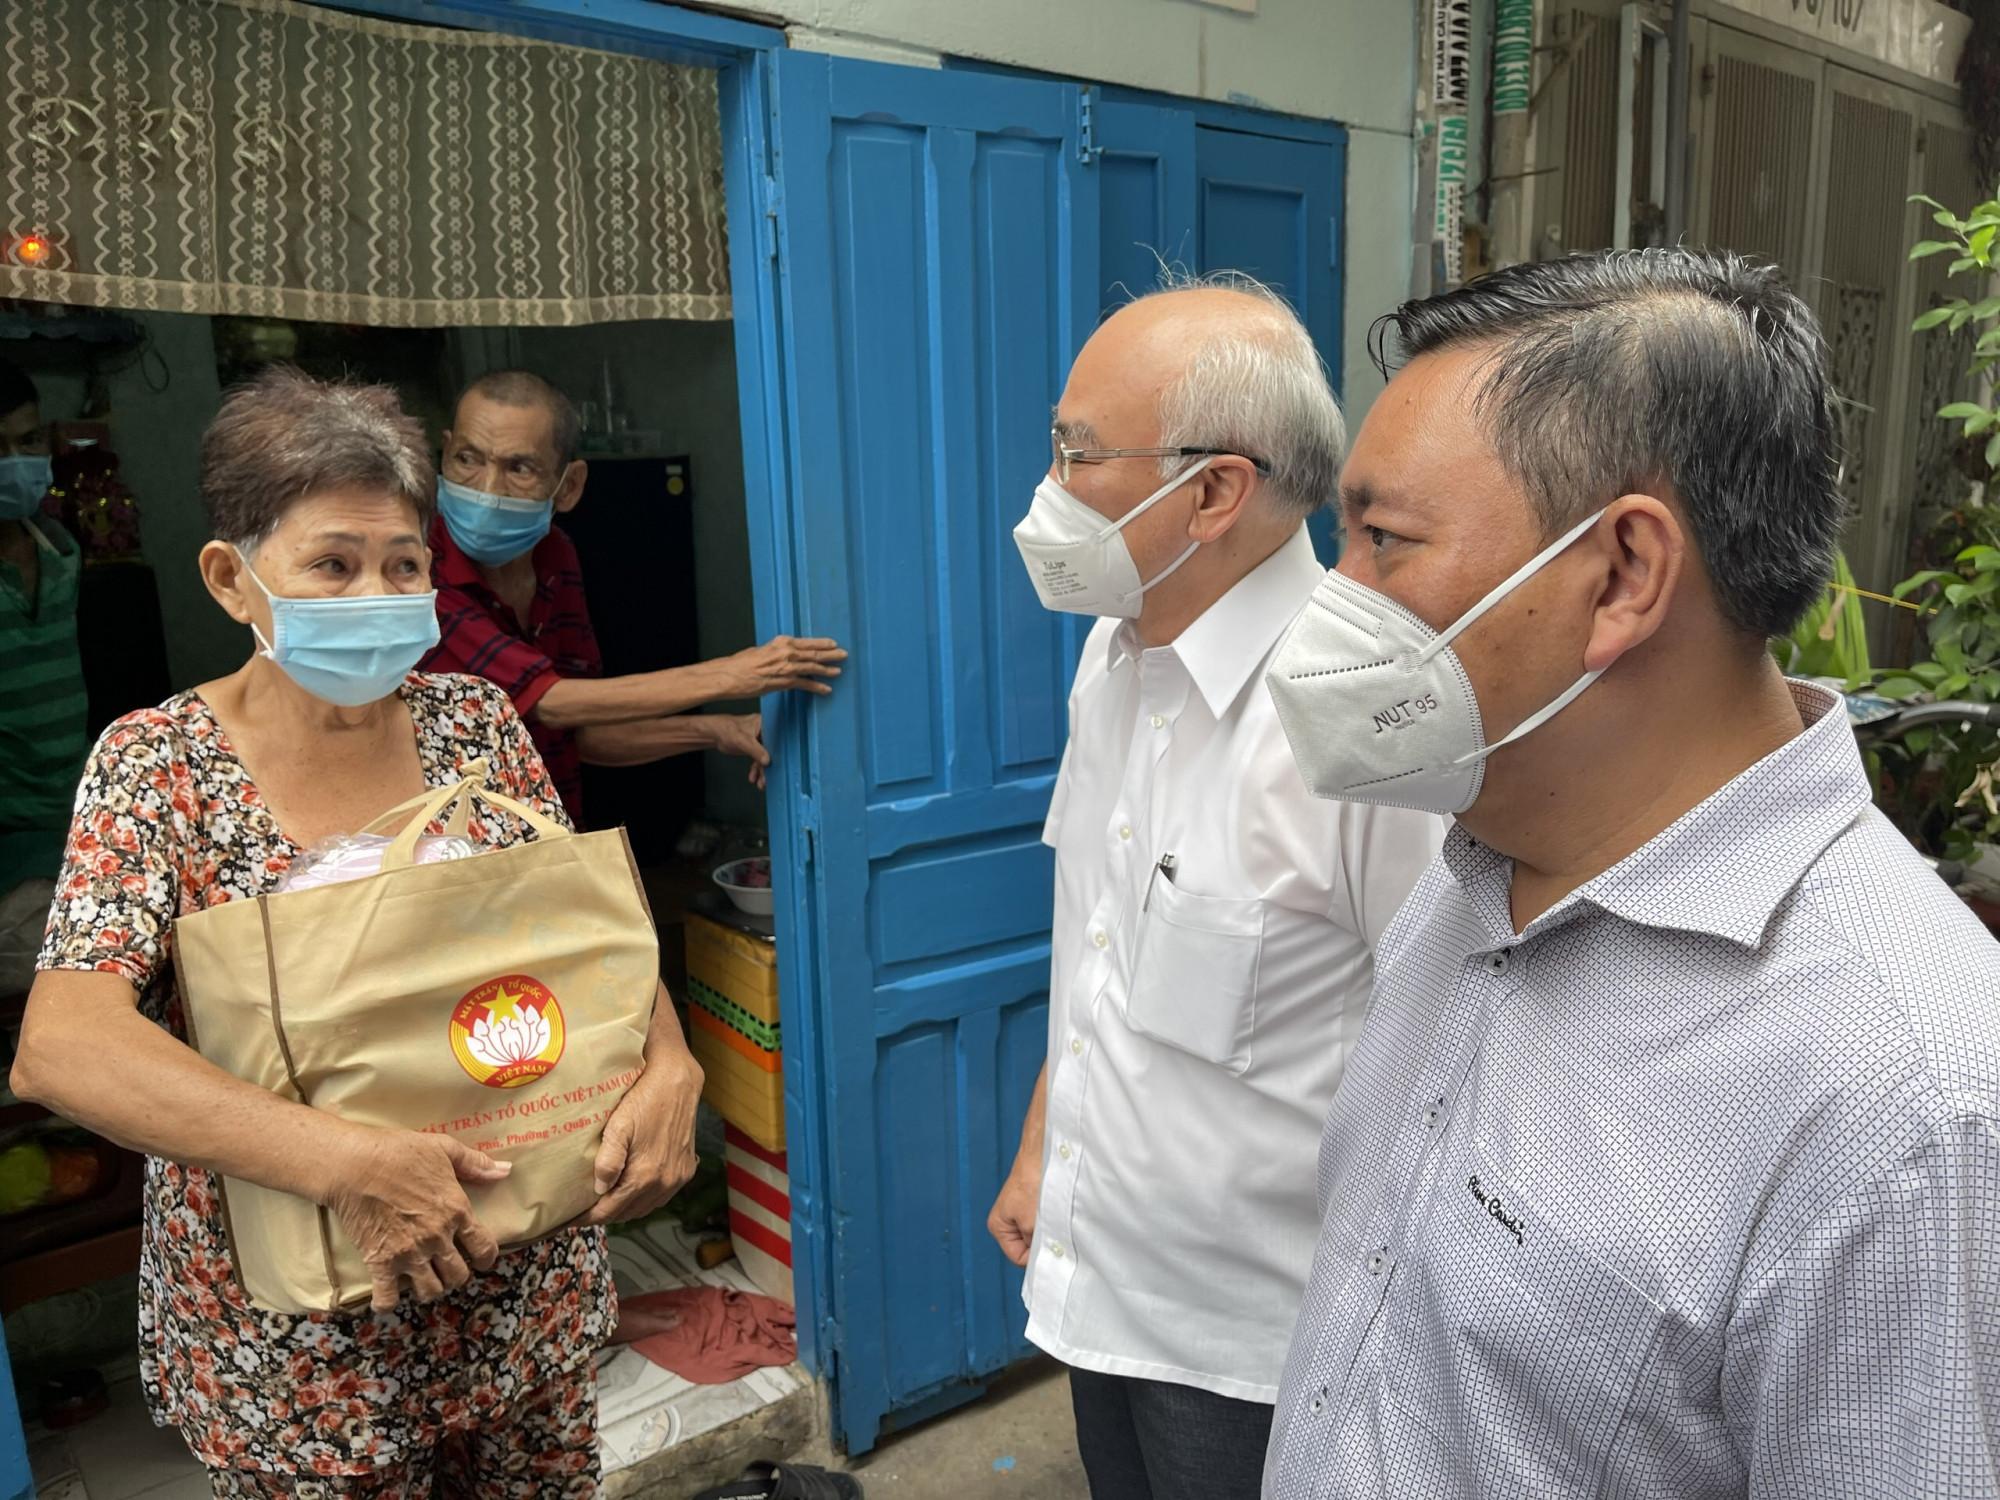 """Ông Phan Nguyễn Như Khuê và Bí thư Quận ủy Quận 3 Phạm Thành Kiên thăm hỏi bà con bị ảnh hưởng bởi dịch bệnh COVID-19 trong """"vùng xanh"""" tại Q.3, TPHCM"""